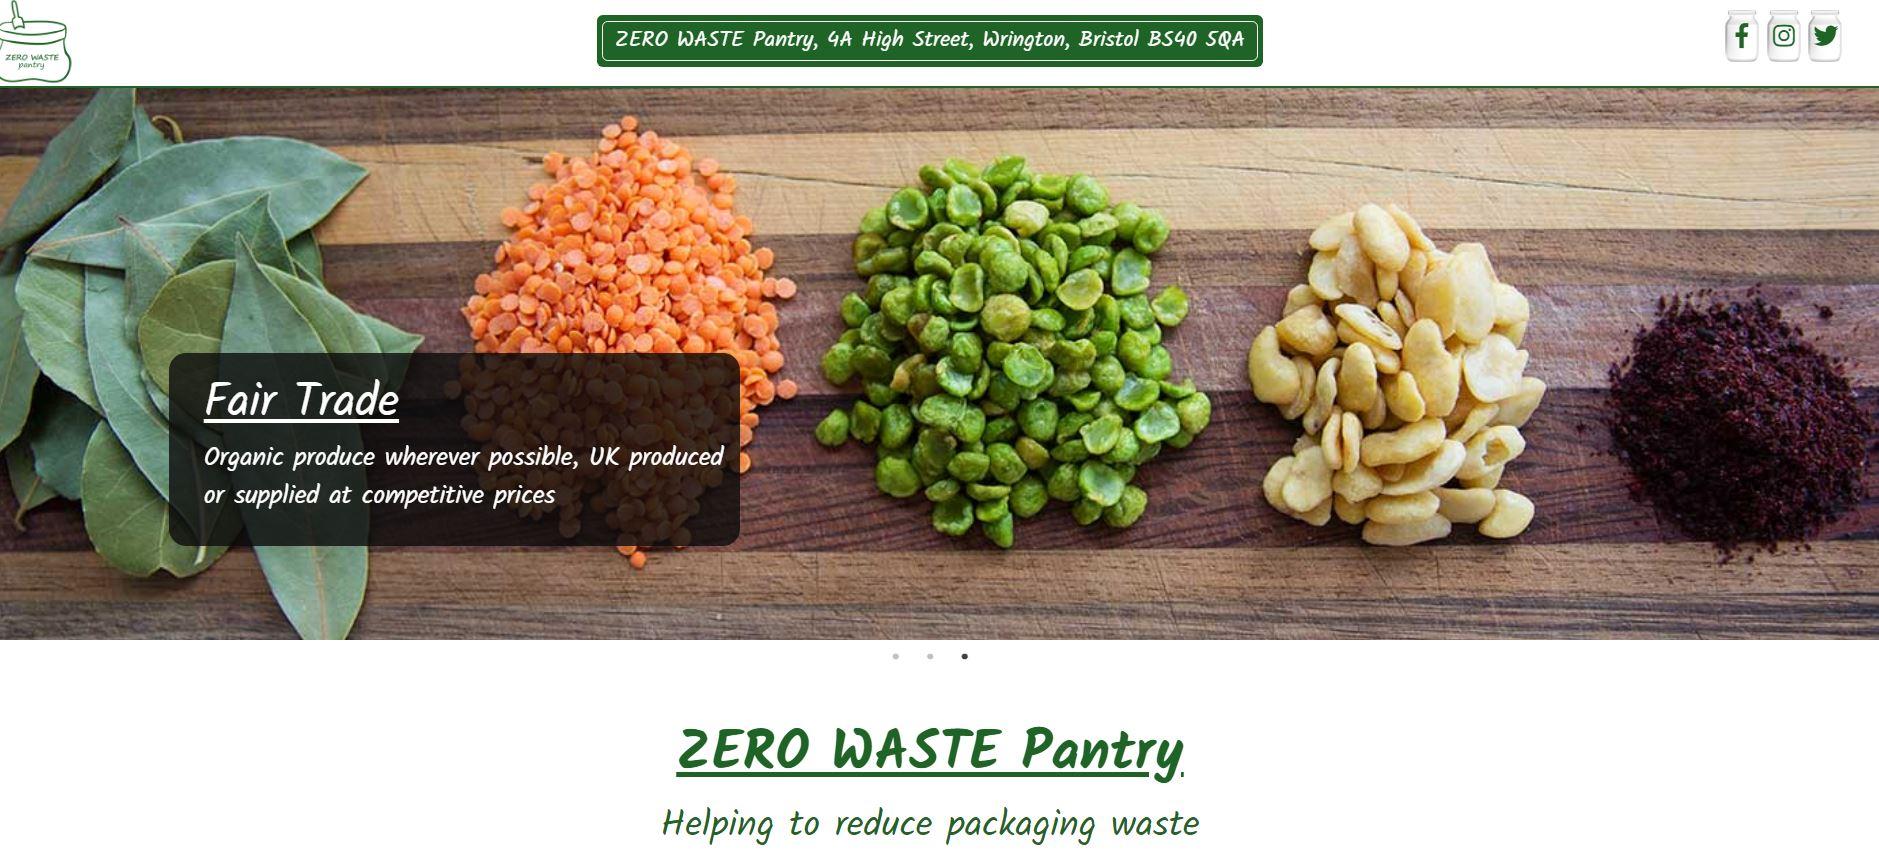 Zero Waste Pantry